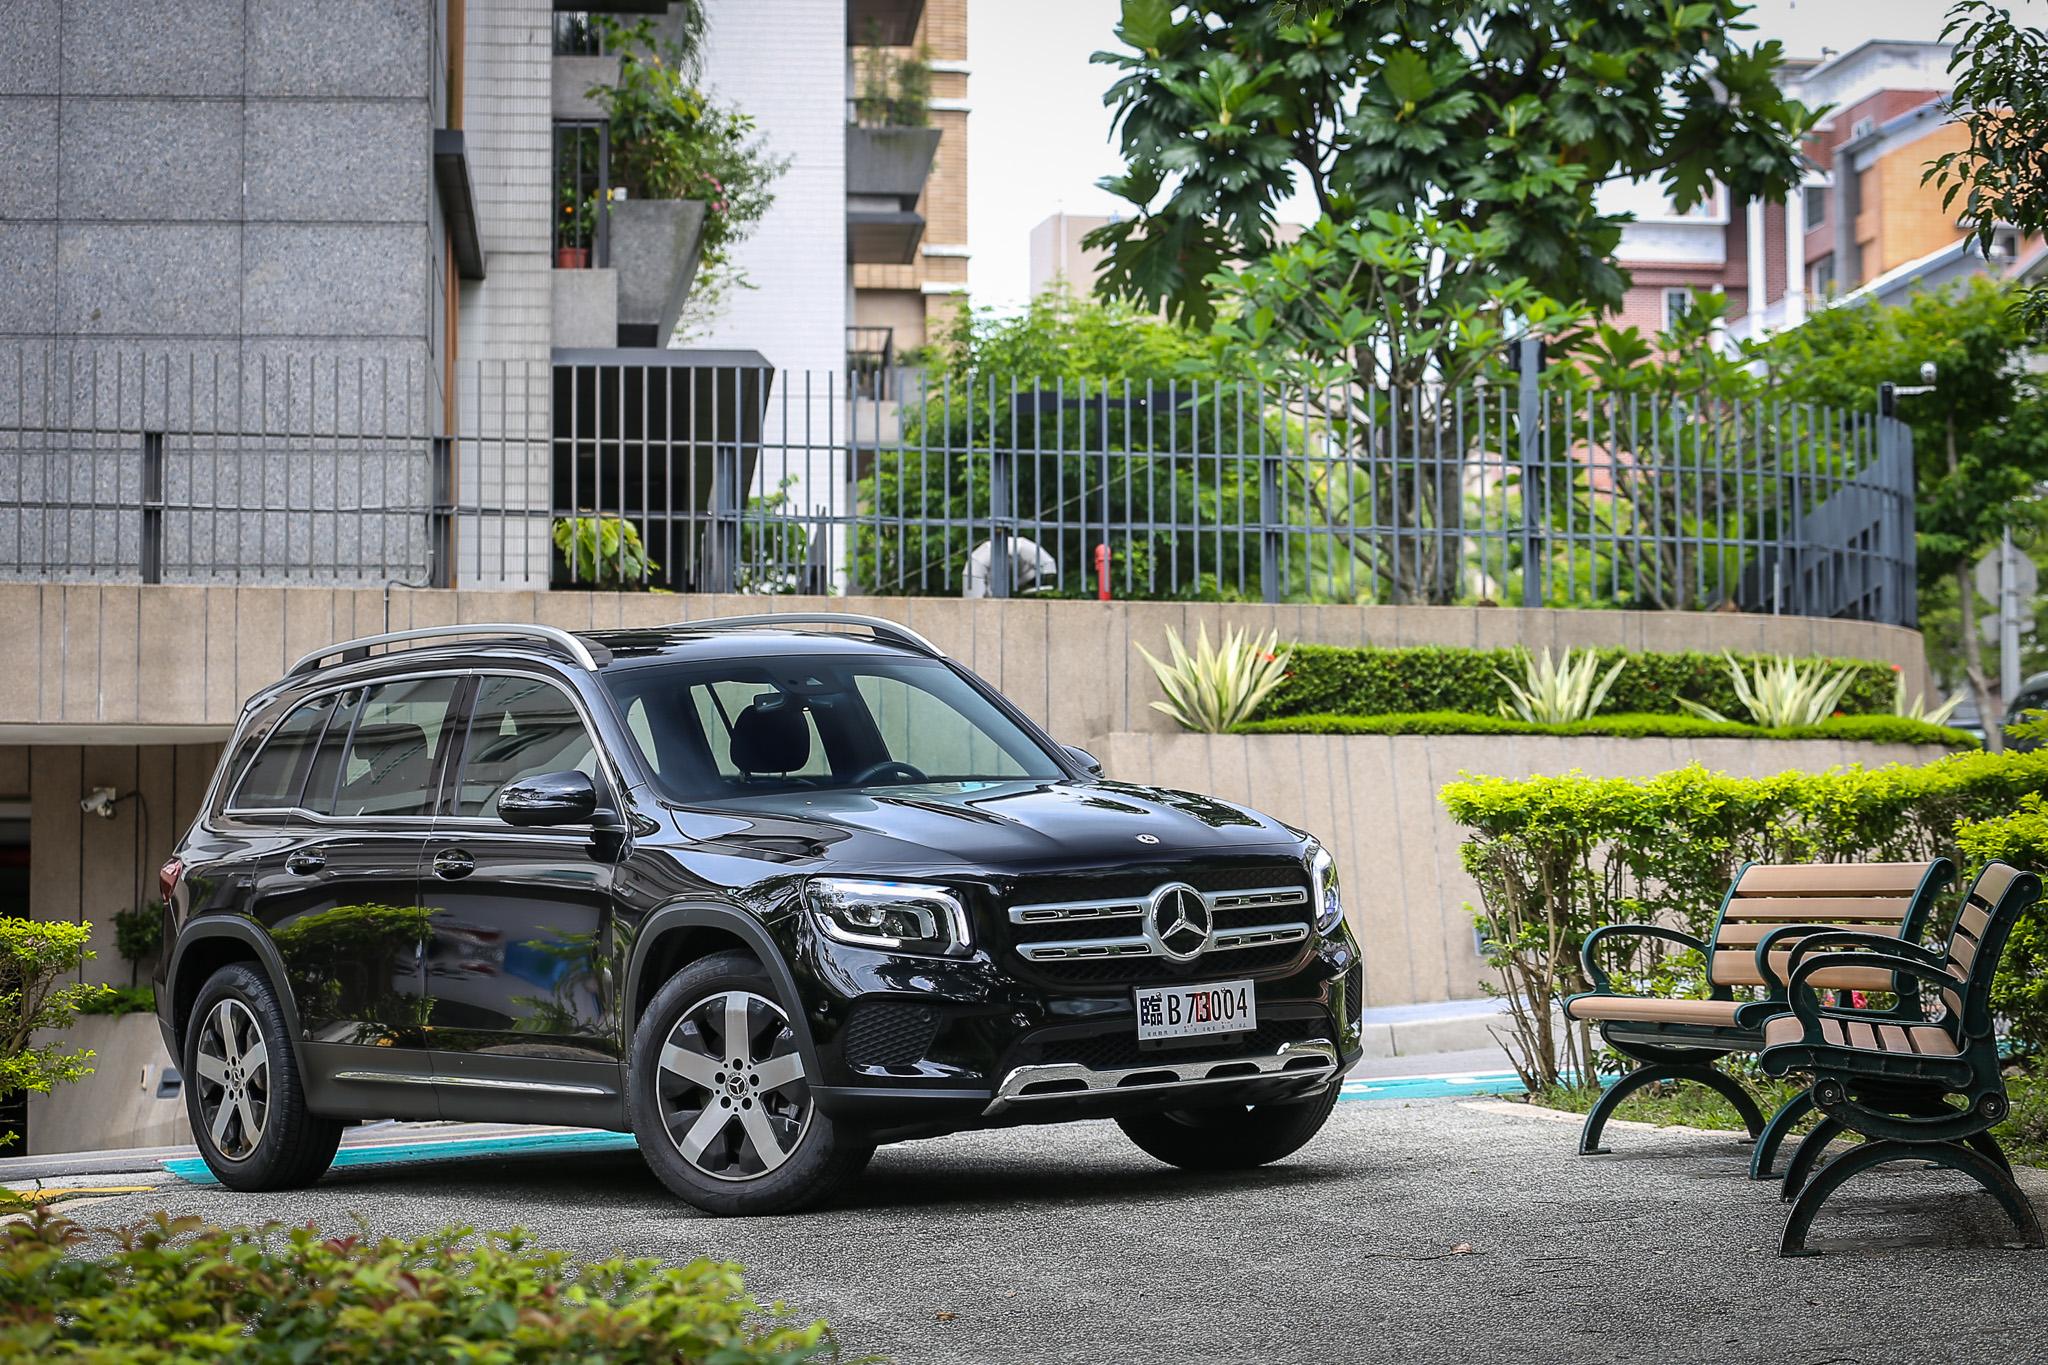 此次試駕車型為 GLB 200d,建議售價為 216 萬元。